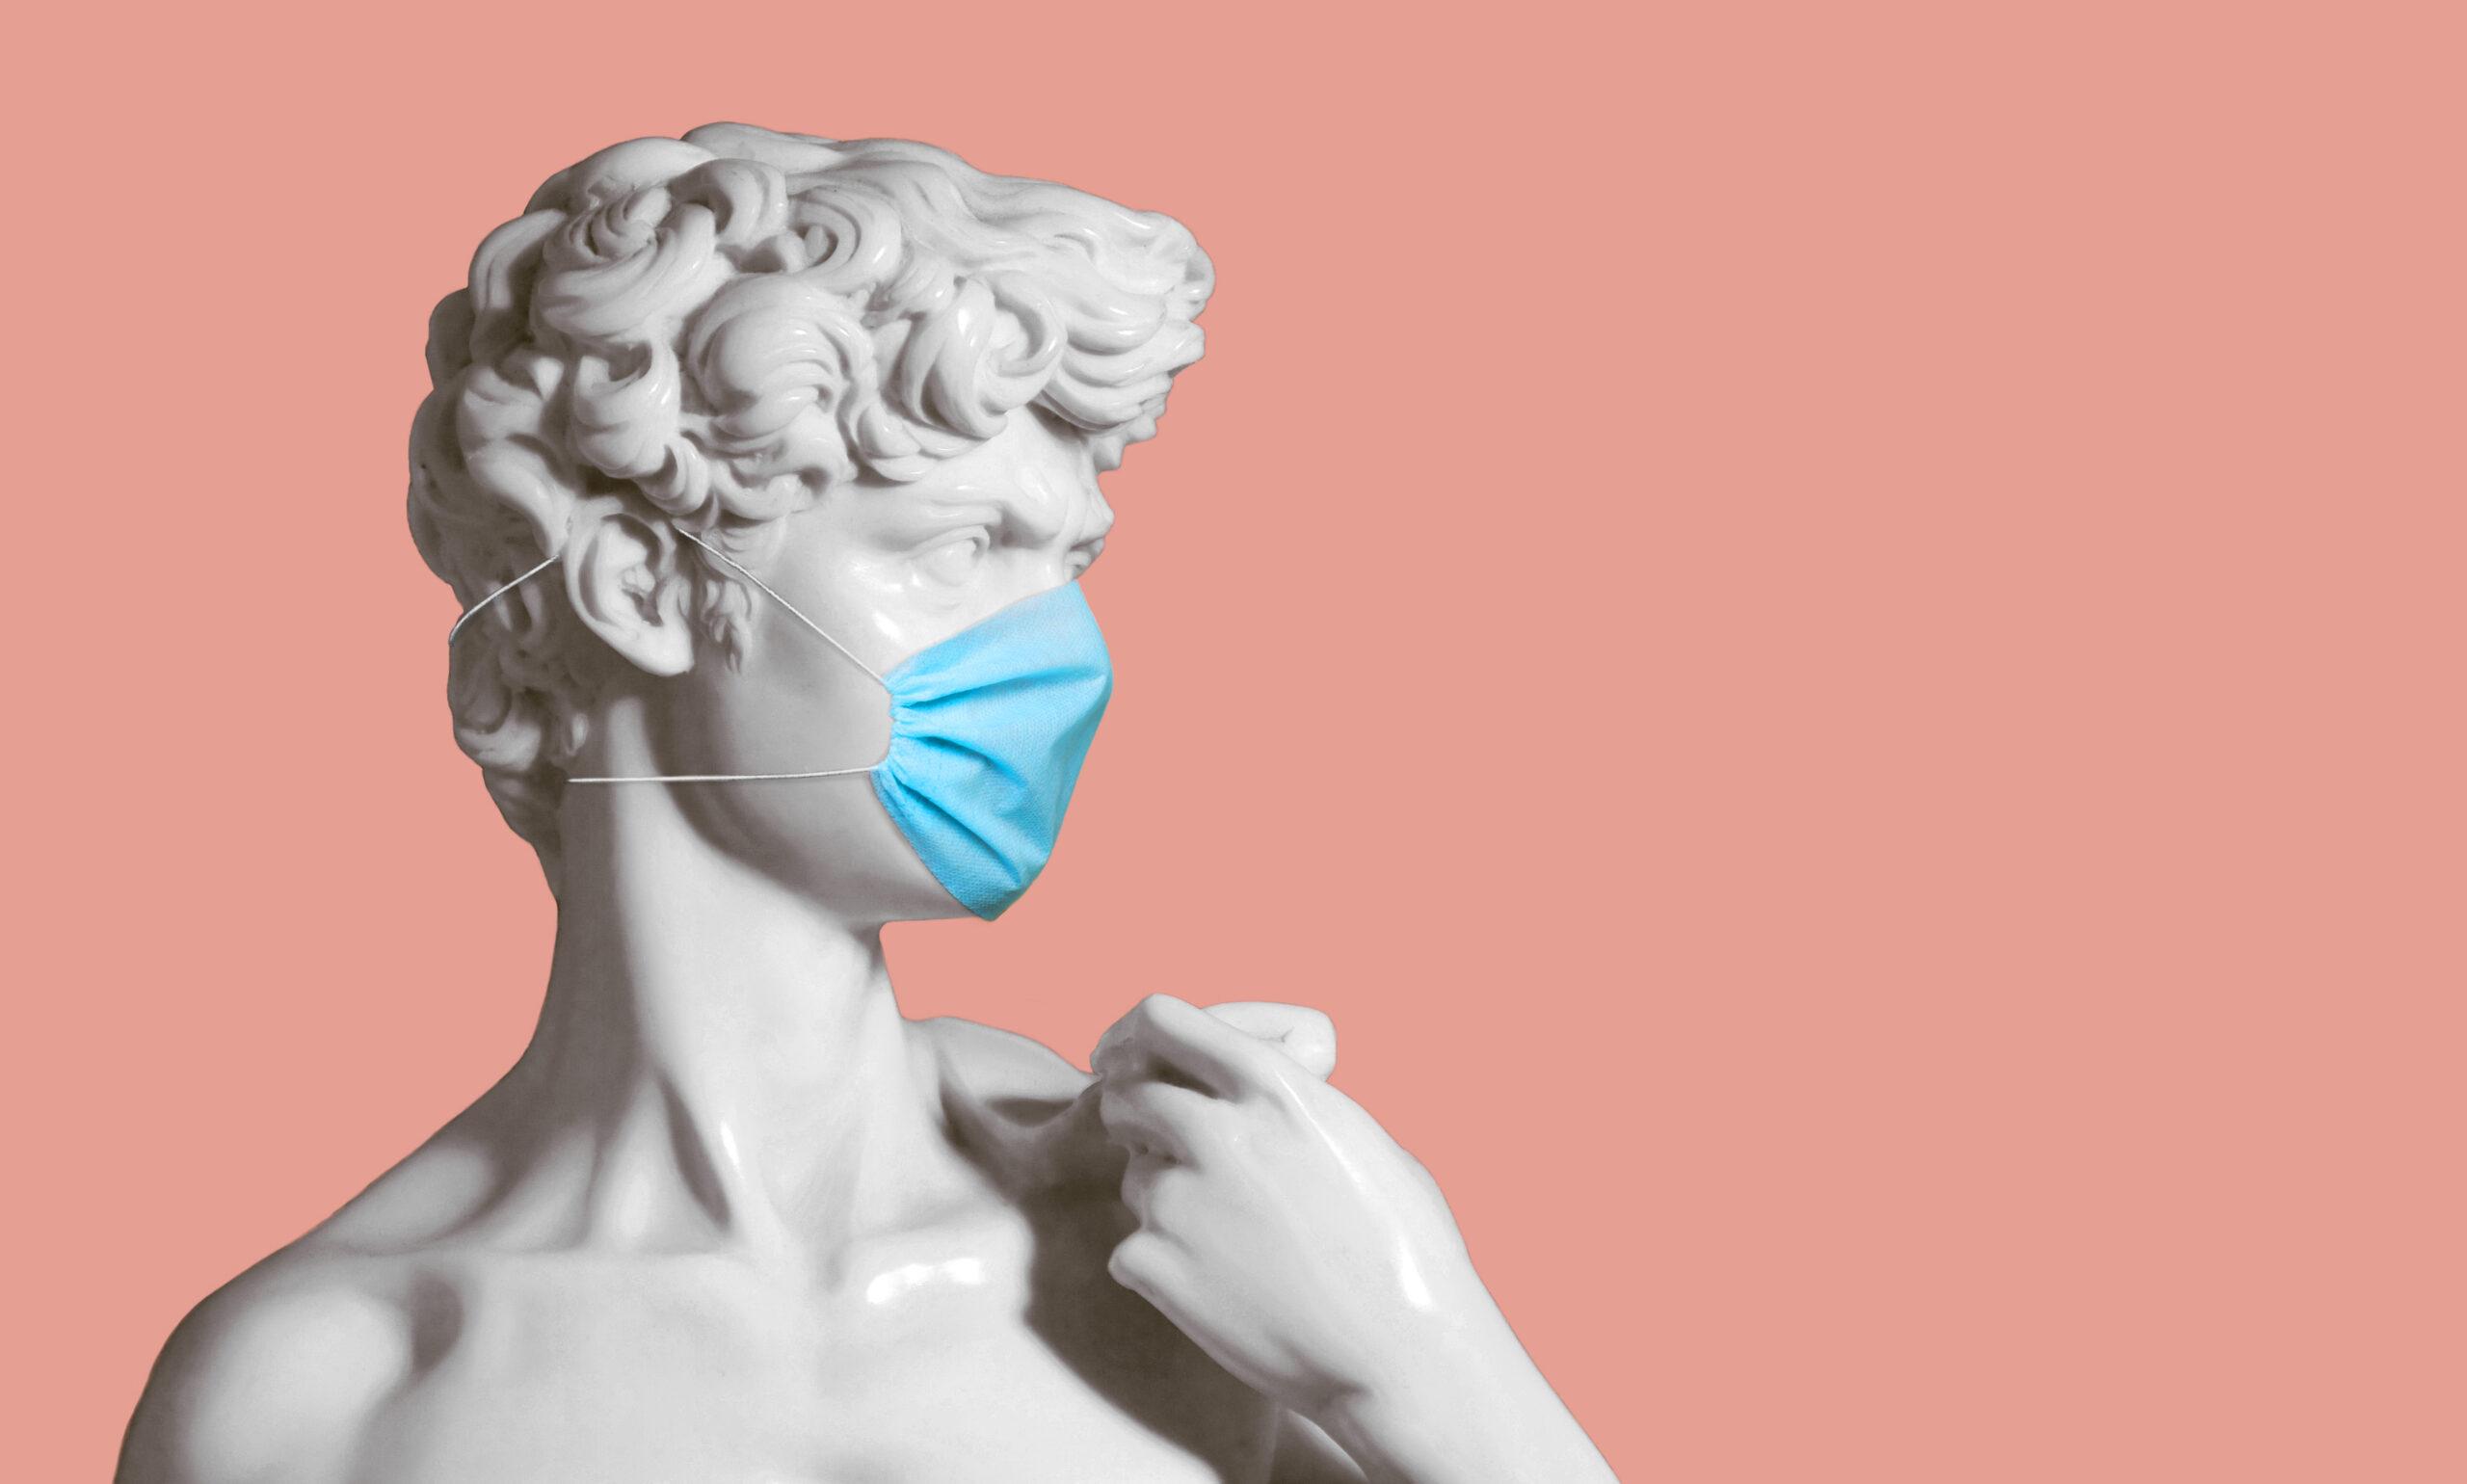 Sculpture wearing mask